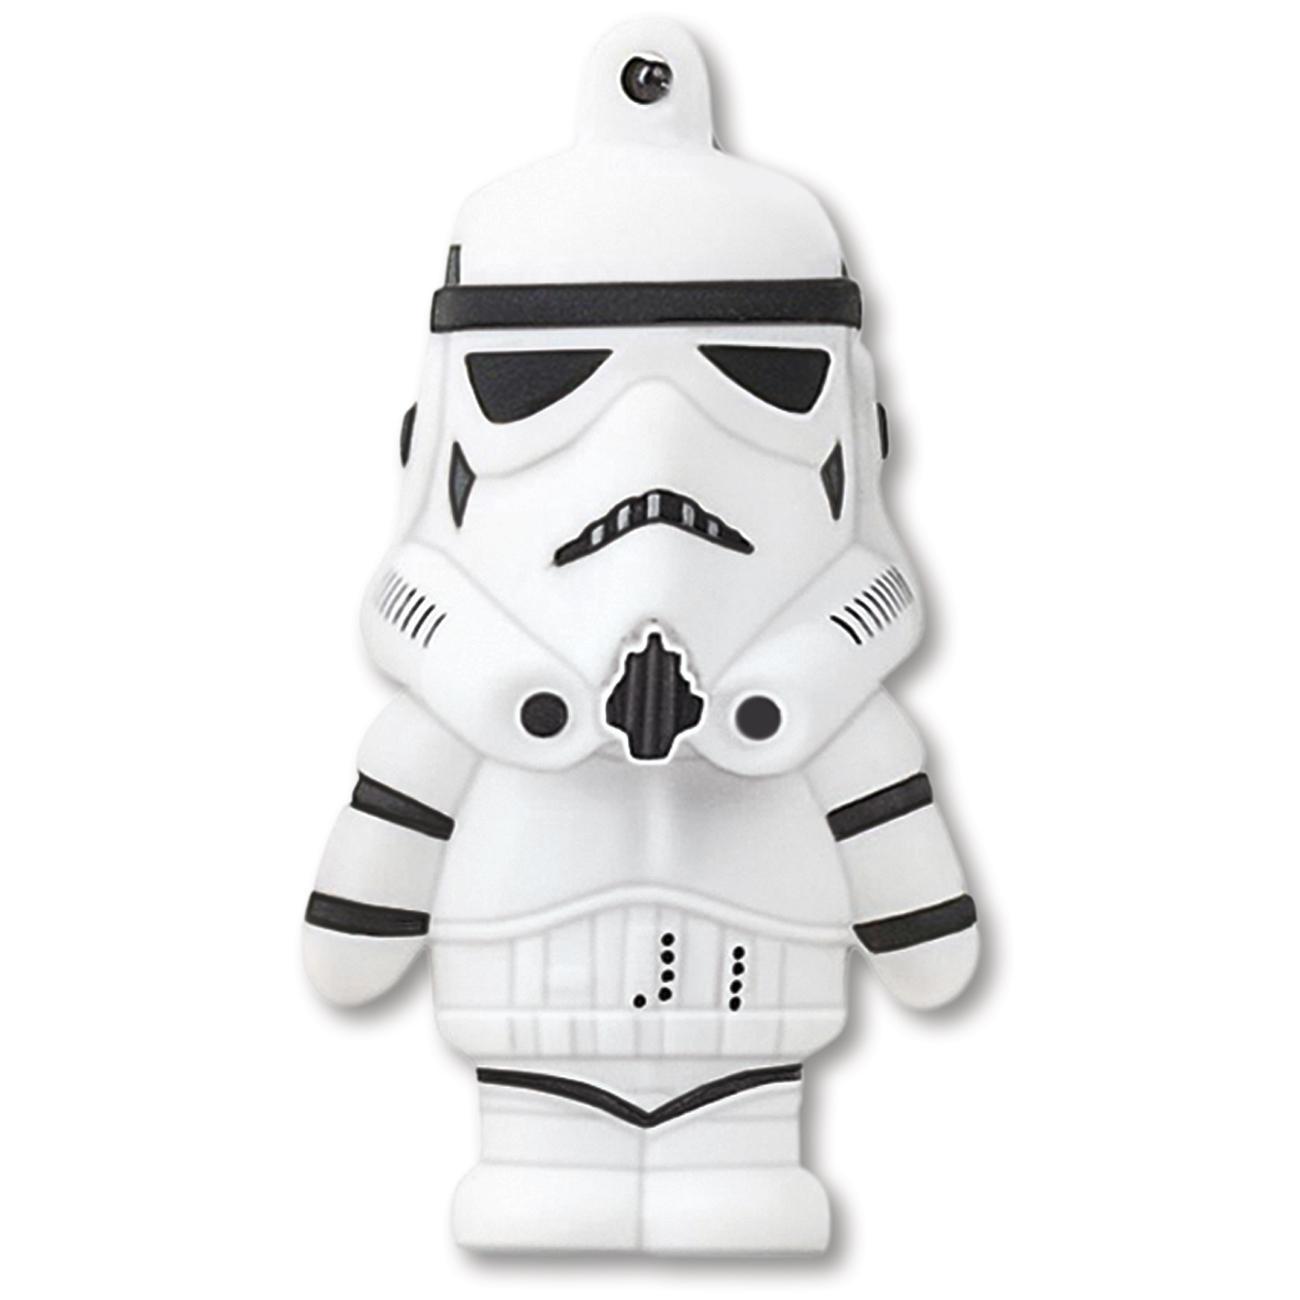 Star Wars USB-Stick, 8 GB, Stormtrooper